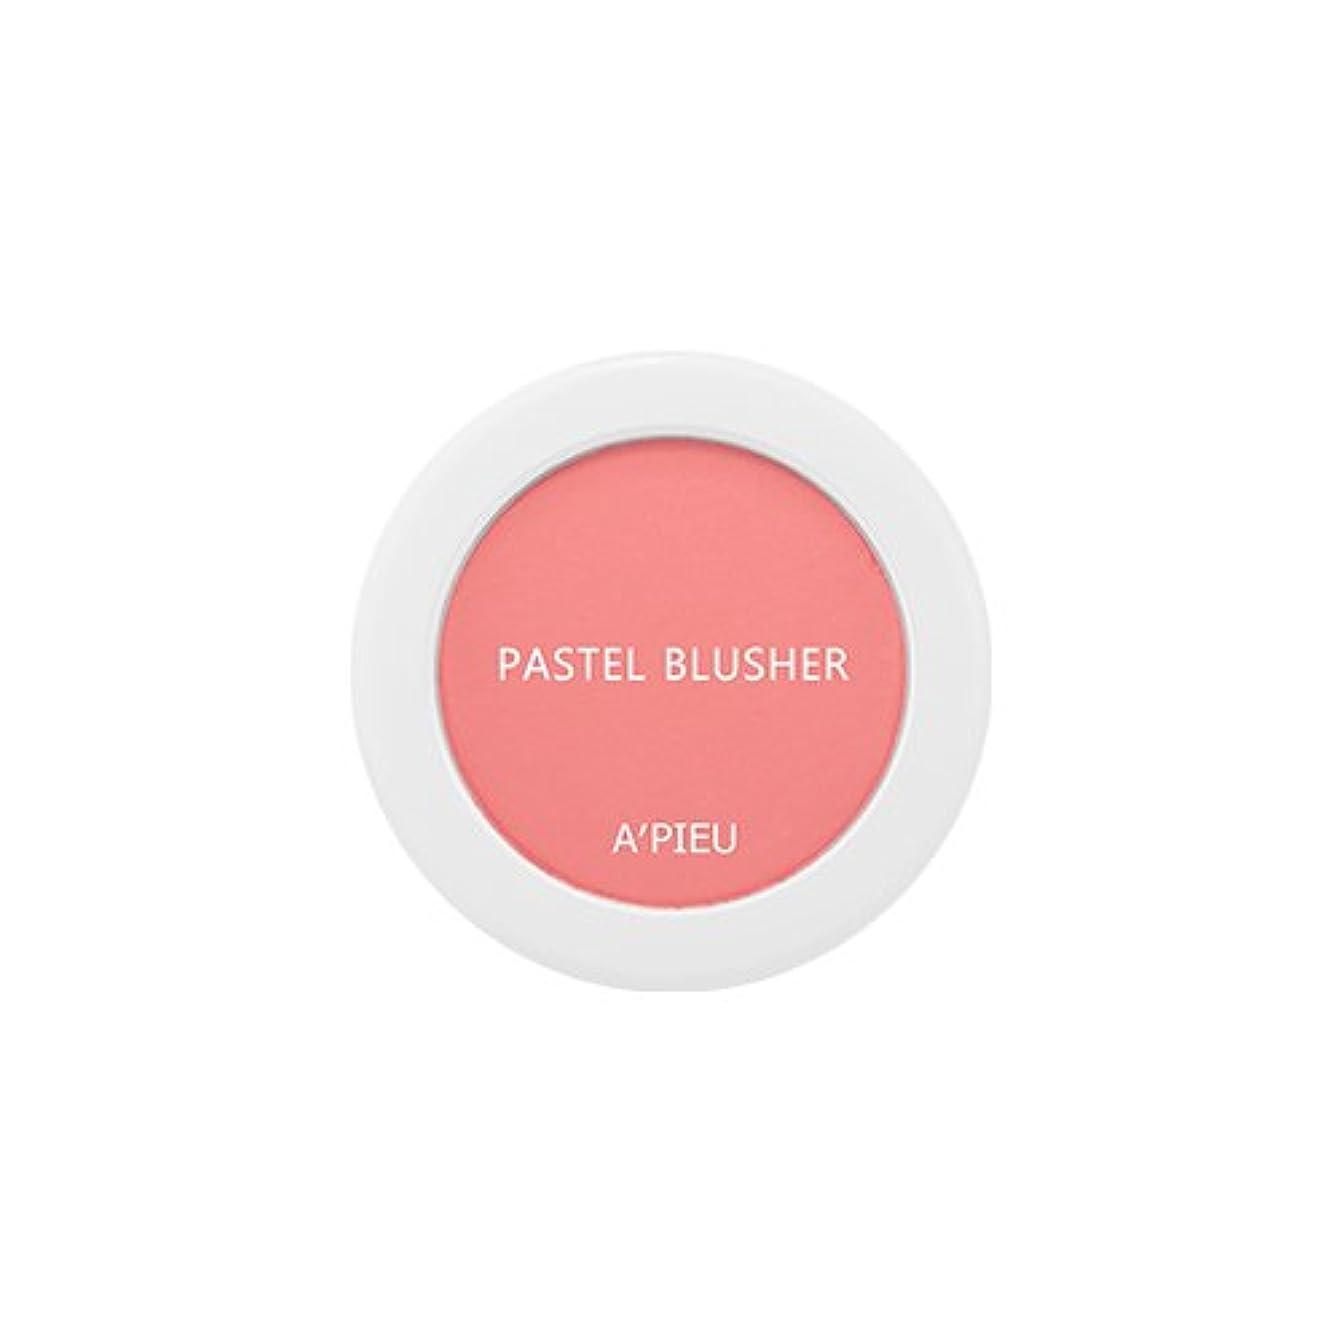 相談将来の組み込むアピュ[APIEU] Pastel Blusher パステル ブラッシャー (CR01) [並行輸入品]